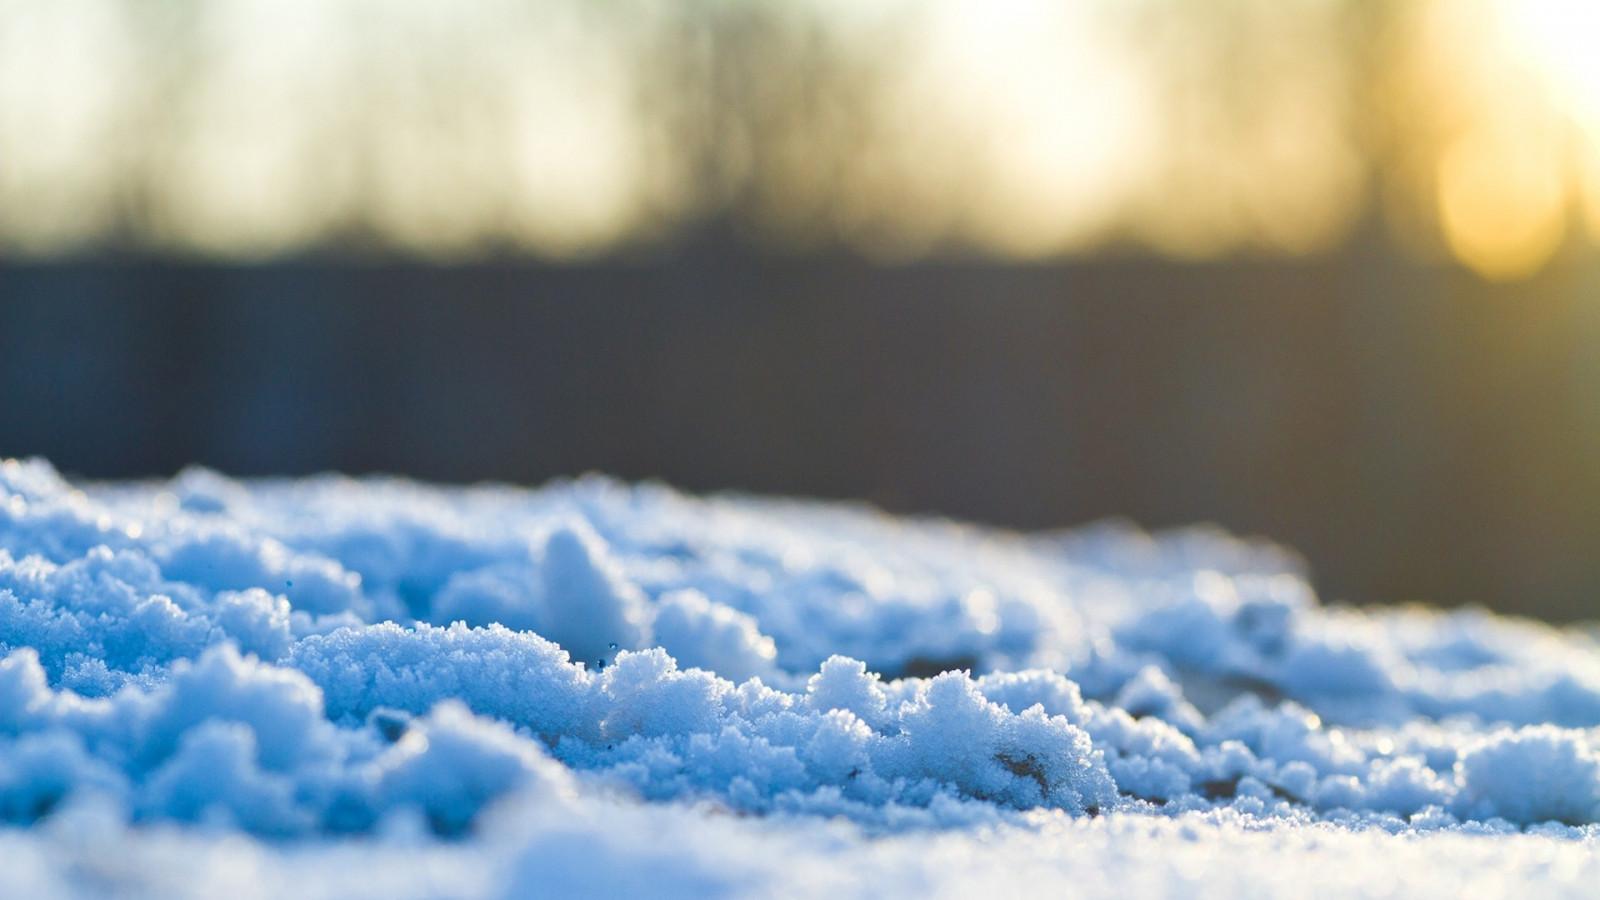 Легкий снег картинка